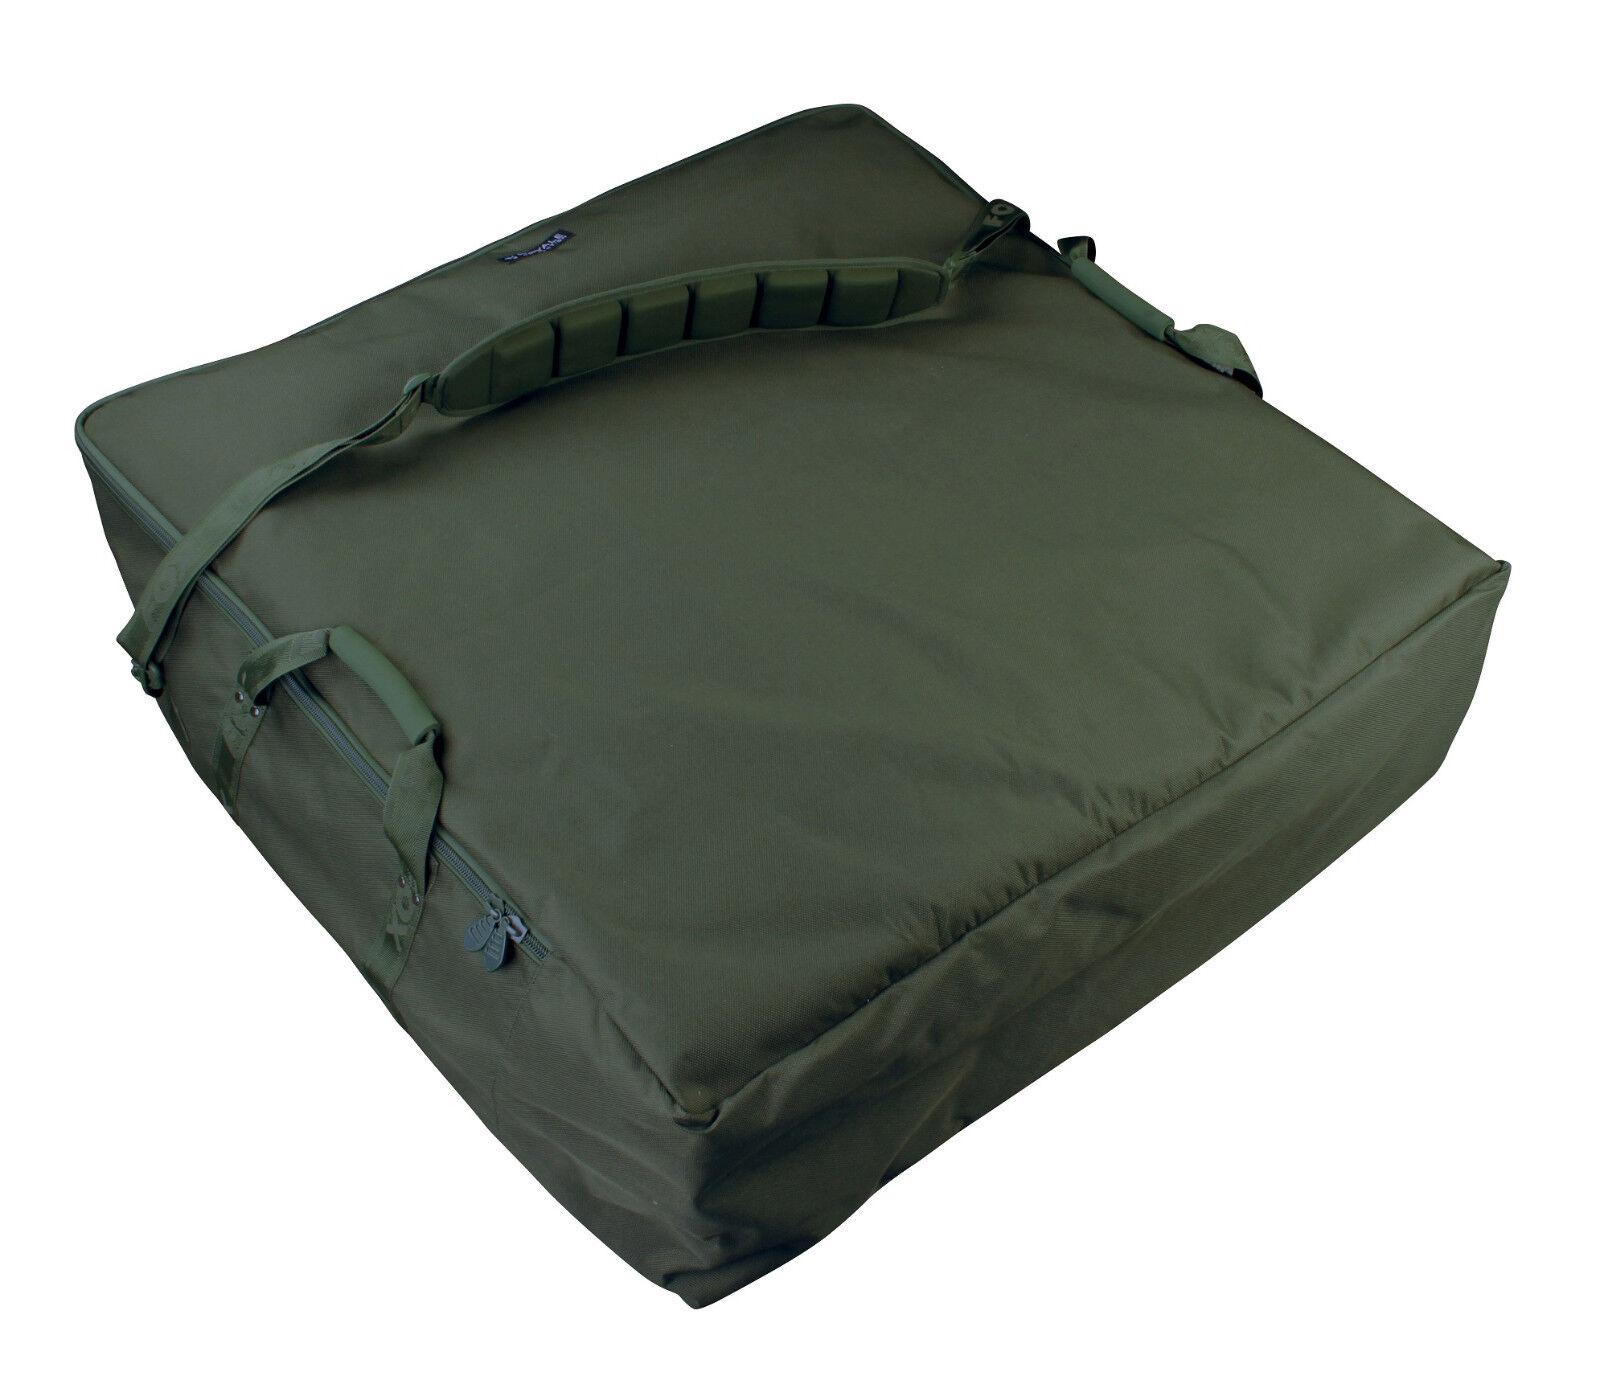 Fox Royale Bedchair Bag  Liegentasche Bedchairbag Angeltasche Carryall  large discount